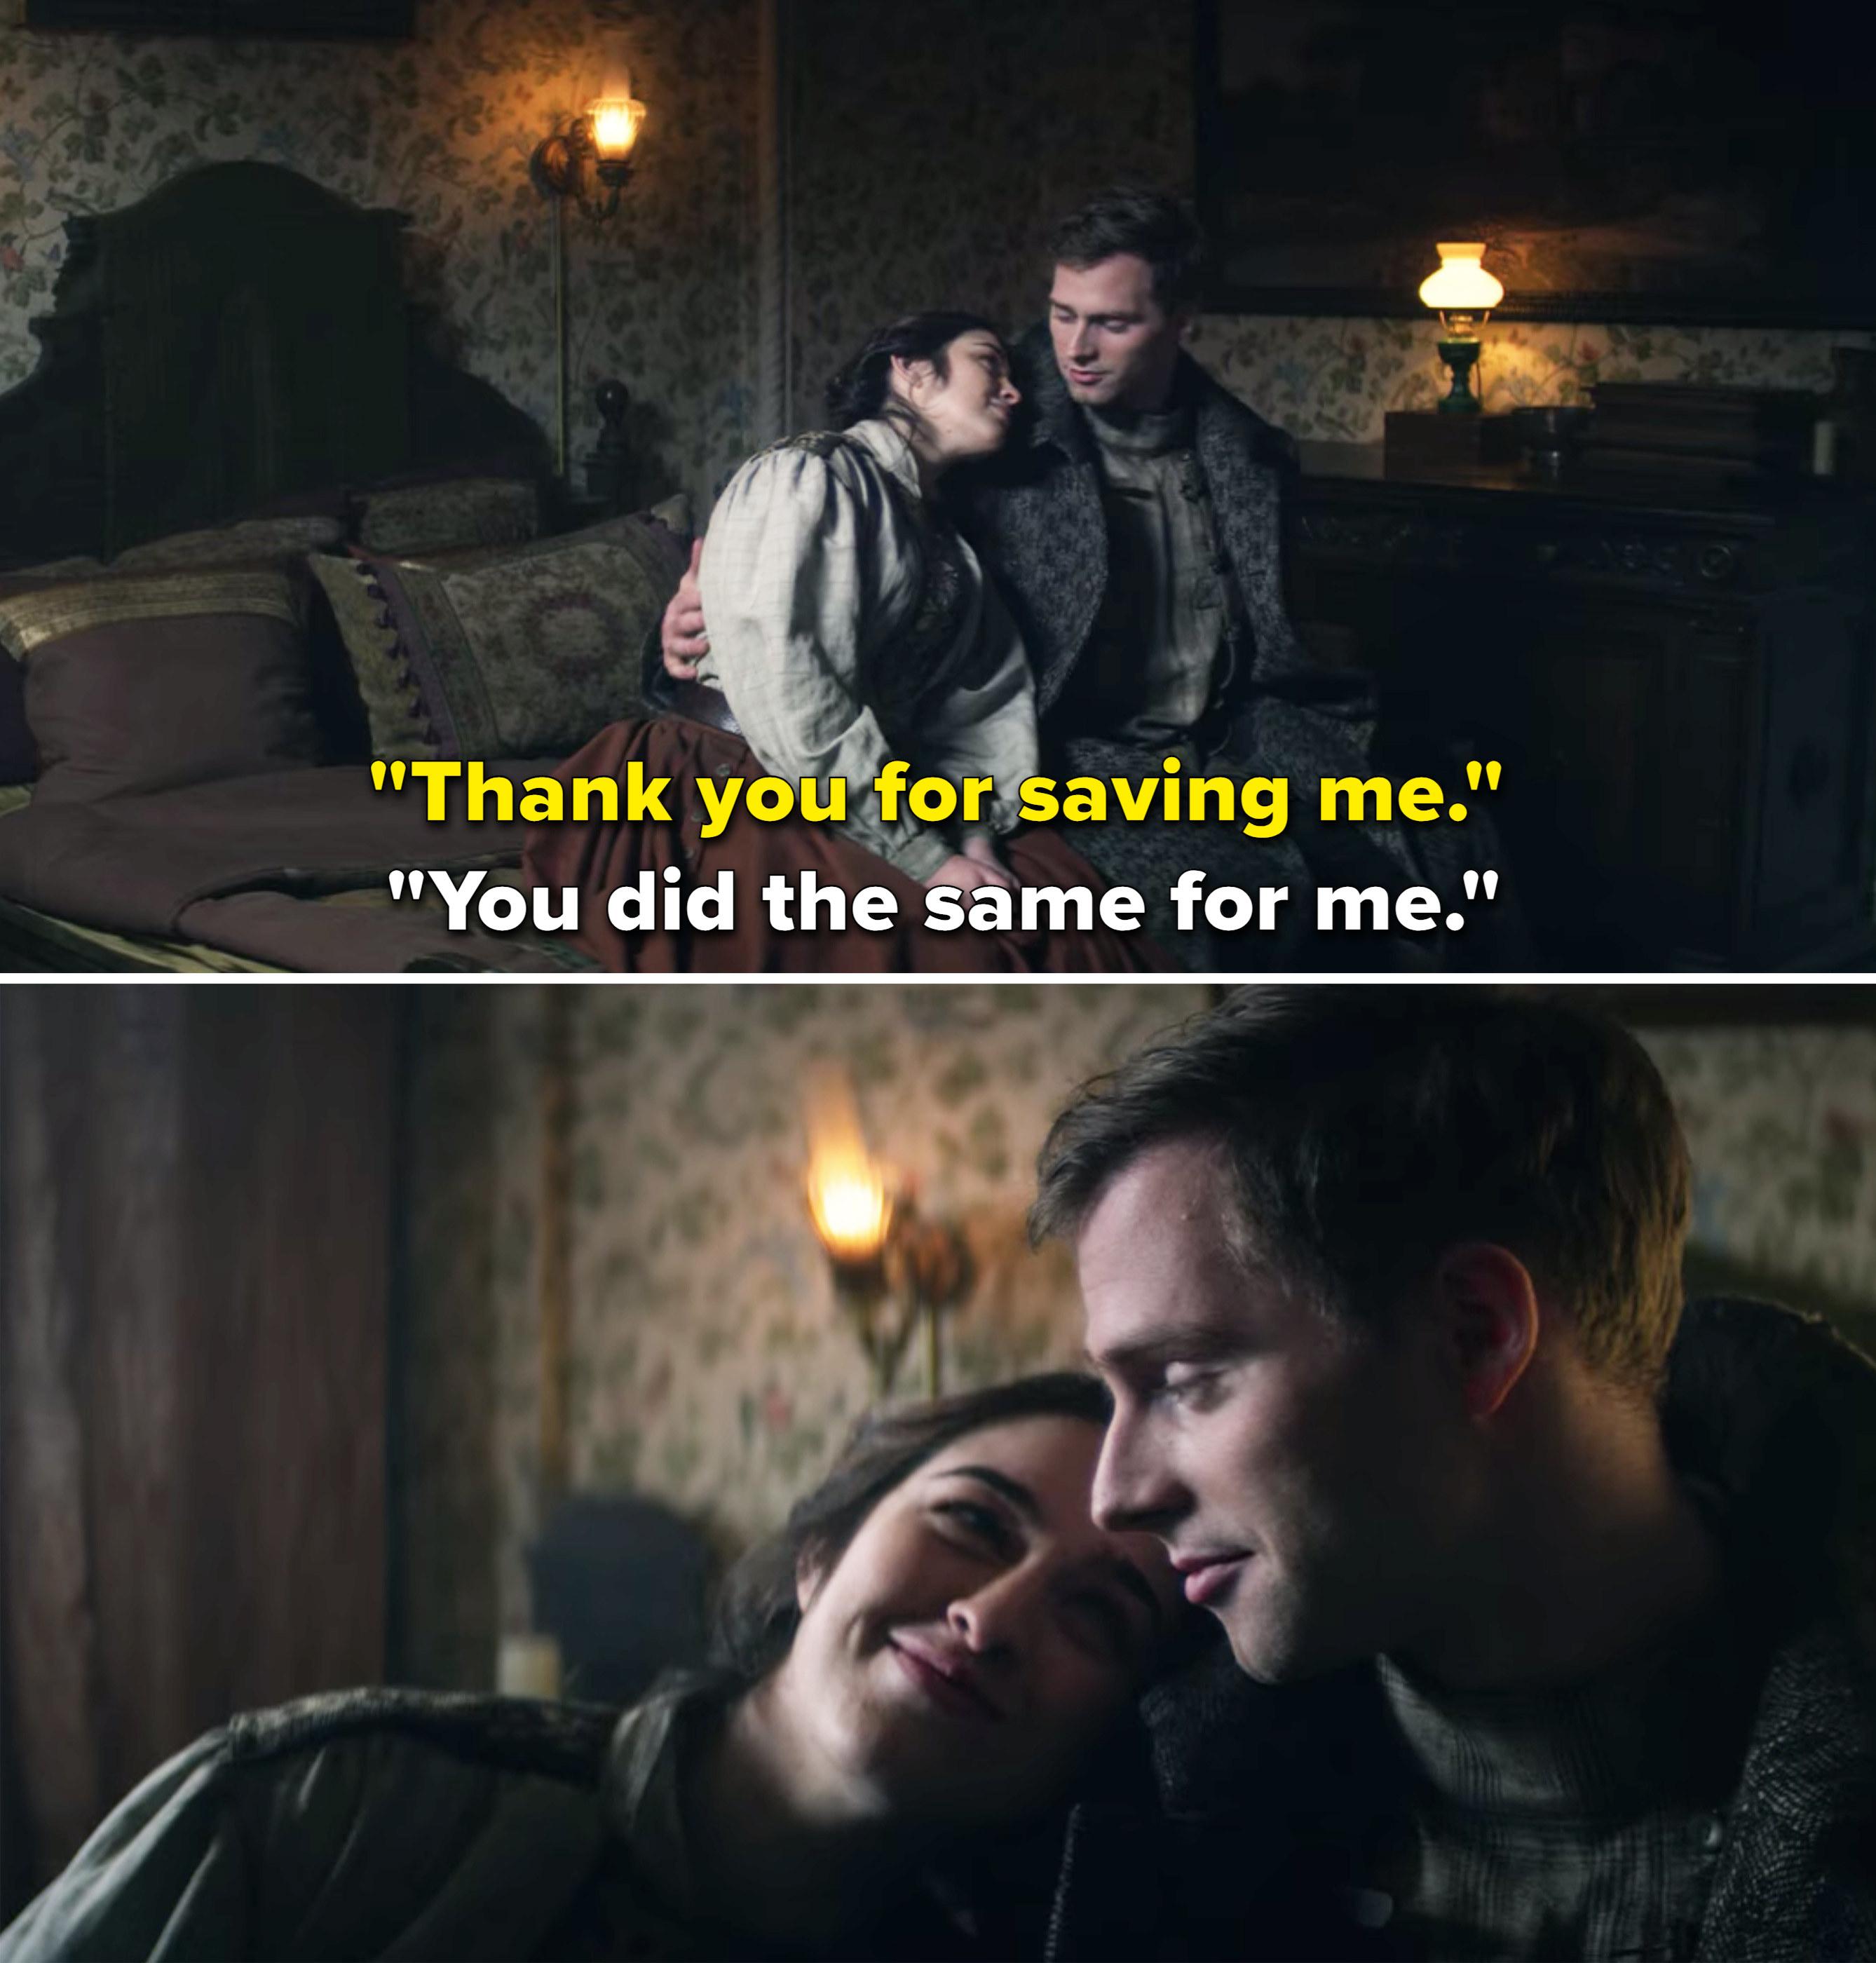 """Nina saying, """"Thank you for saving me"""" and Matthias responding, """"You did the same for me"""""""